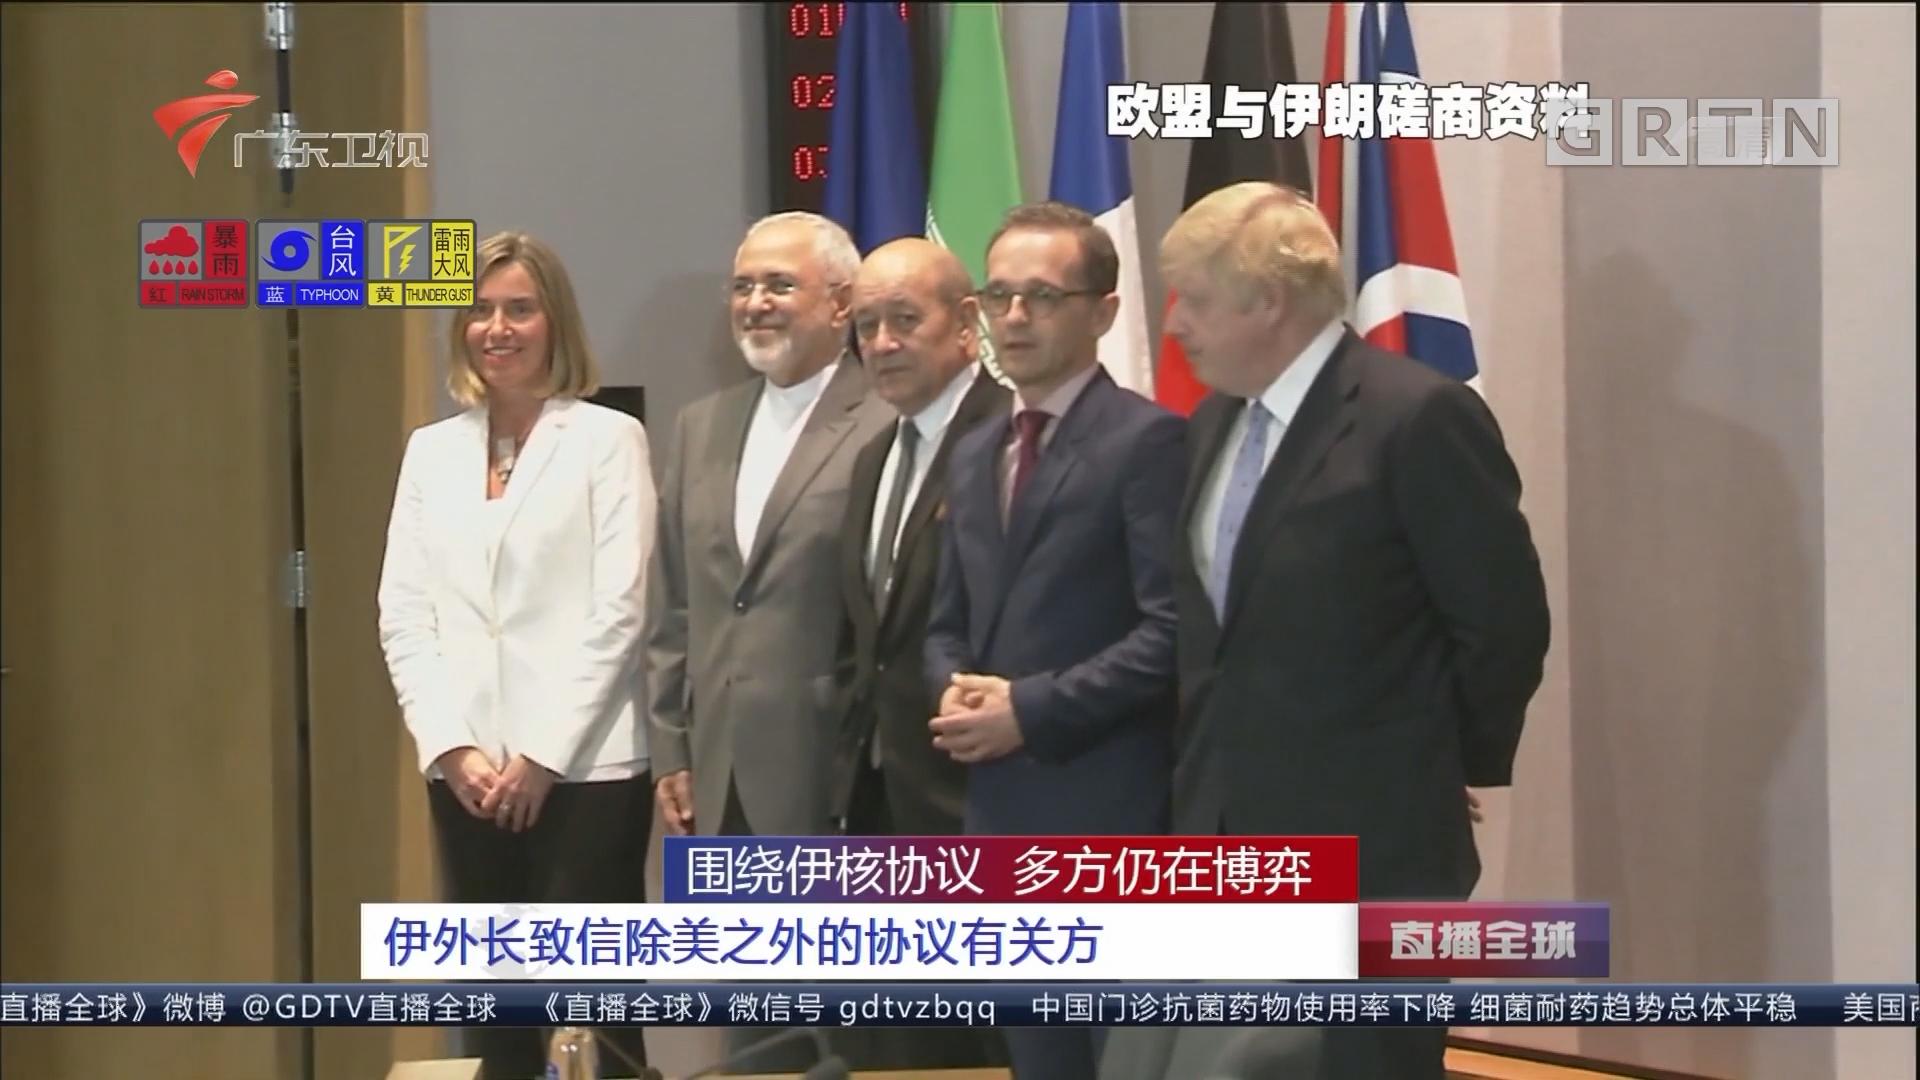 围绕伊核协议 多方仍在博弈:伊外长致信除美之外的协议有关方